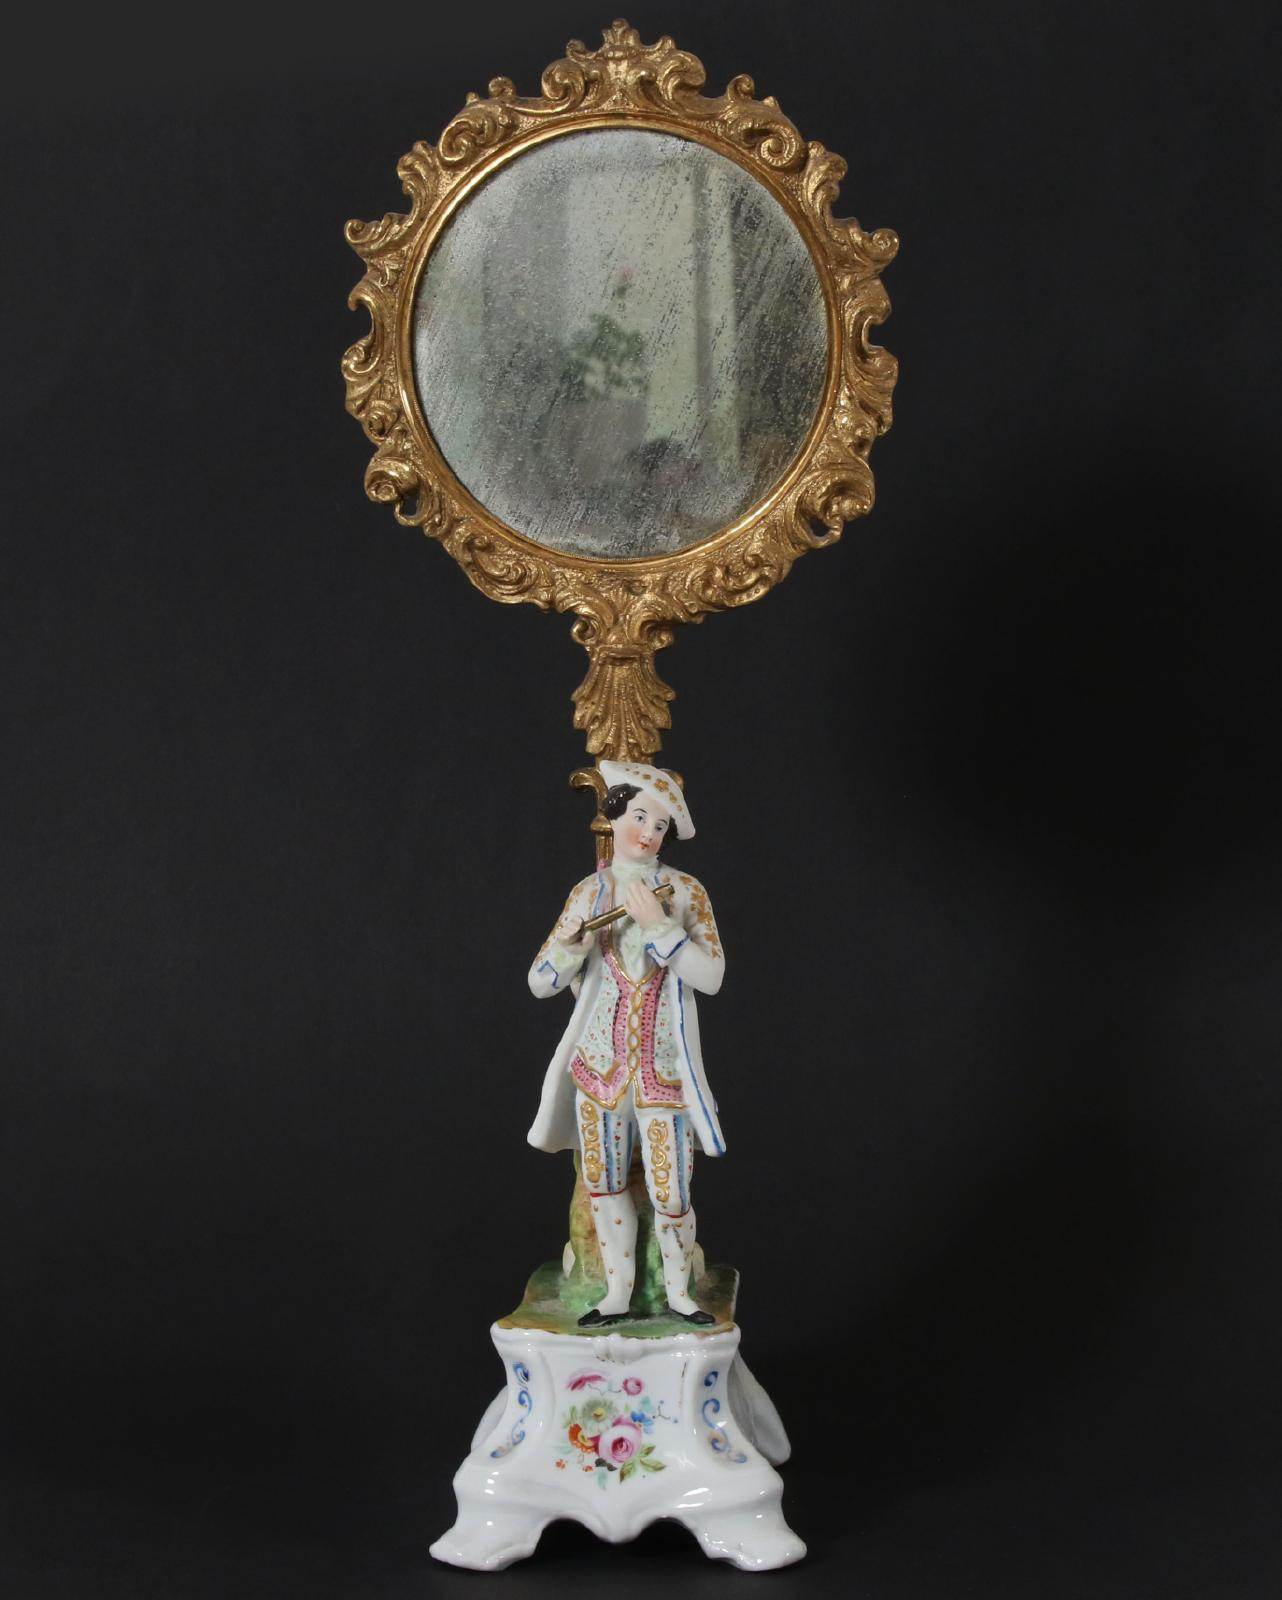 Bordsspegel, England, 1800-tal Porslin och bronserad metall. Med handmålad dekor och förgyllning. (Höjd 41). Startpris: 100 SEK.